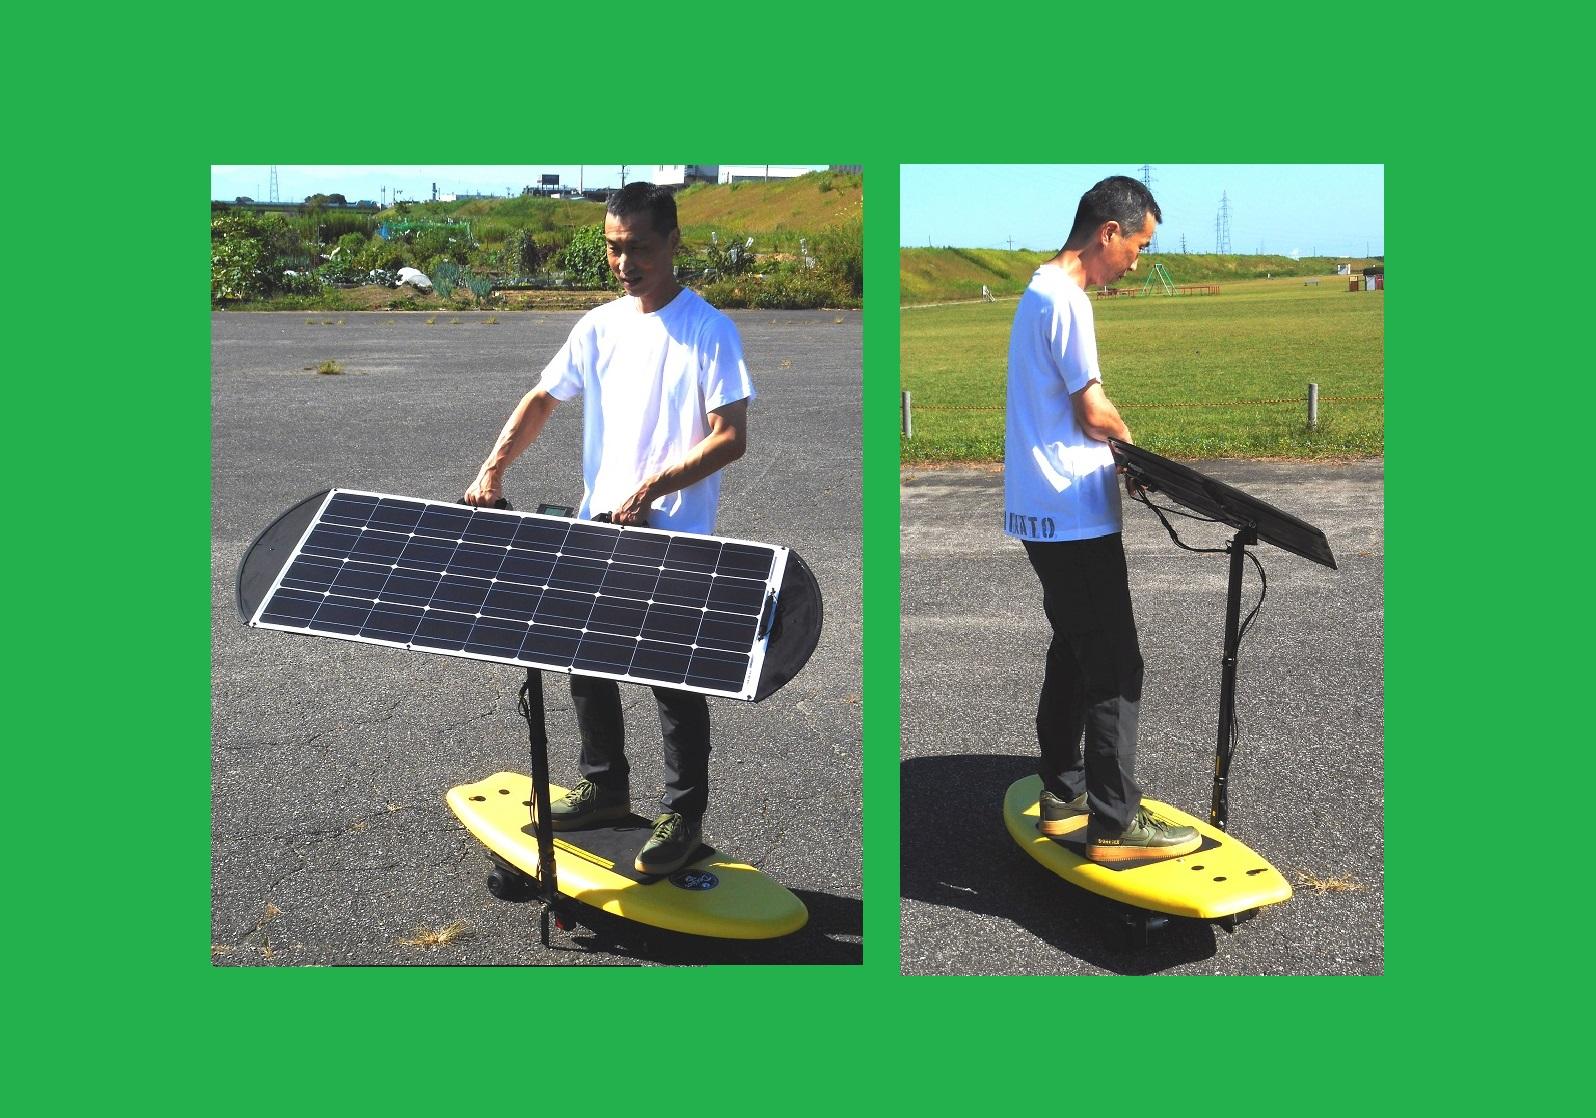 ペダルを漕いで発電した電力を蓄電せずにダイレクト給電する「人力発電ゴーカート」、「漕ぐウェイ」や人力発電機で作った電力を電気二重層キャパシタへ超急速充電して動くユニークな乗用遊具やEV(電気自動車)やHEV(ハイブリッドカー)の「回生ブレーキ」を体験できるゴーカート、立ち乗り式のユニークなソーラーカー「ソーラーサーフィン」など在庫。